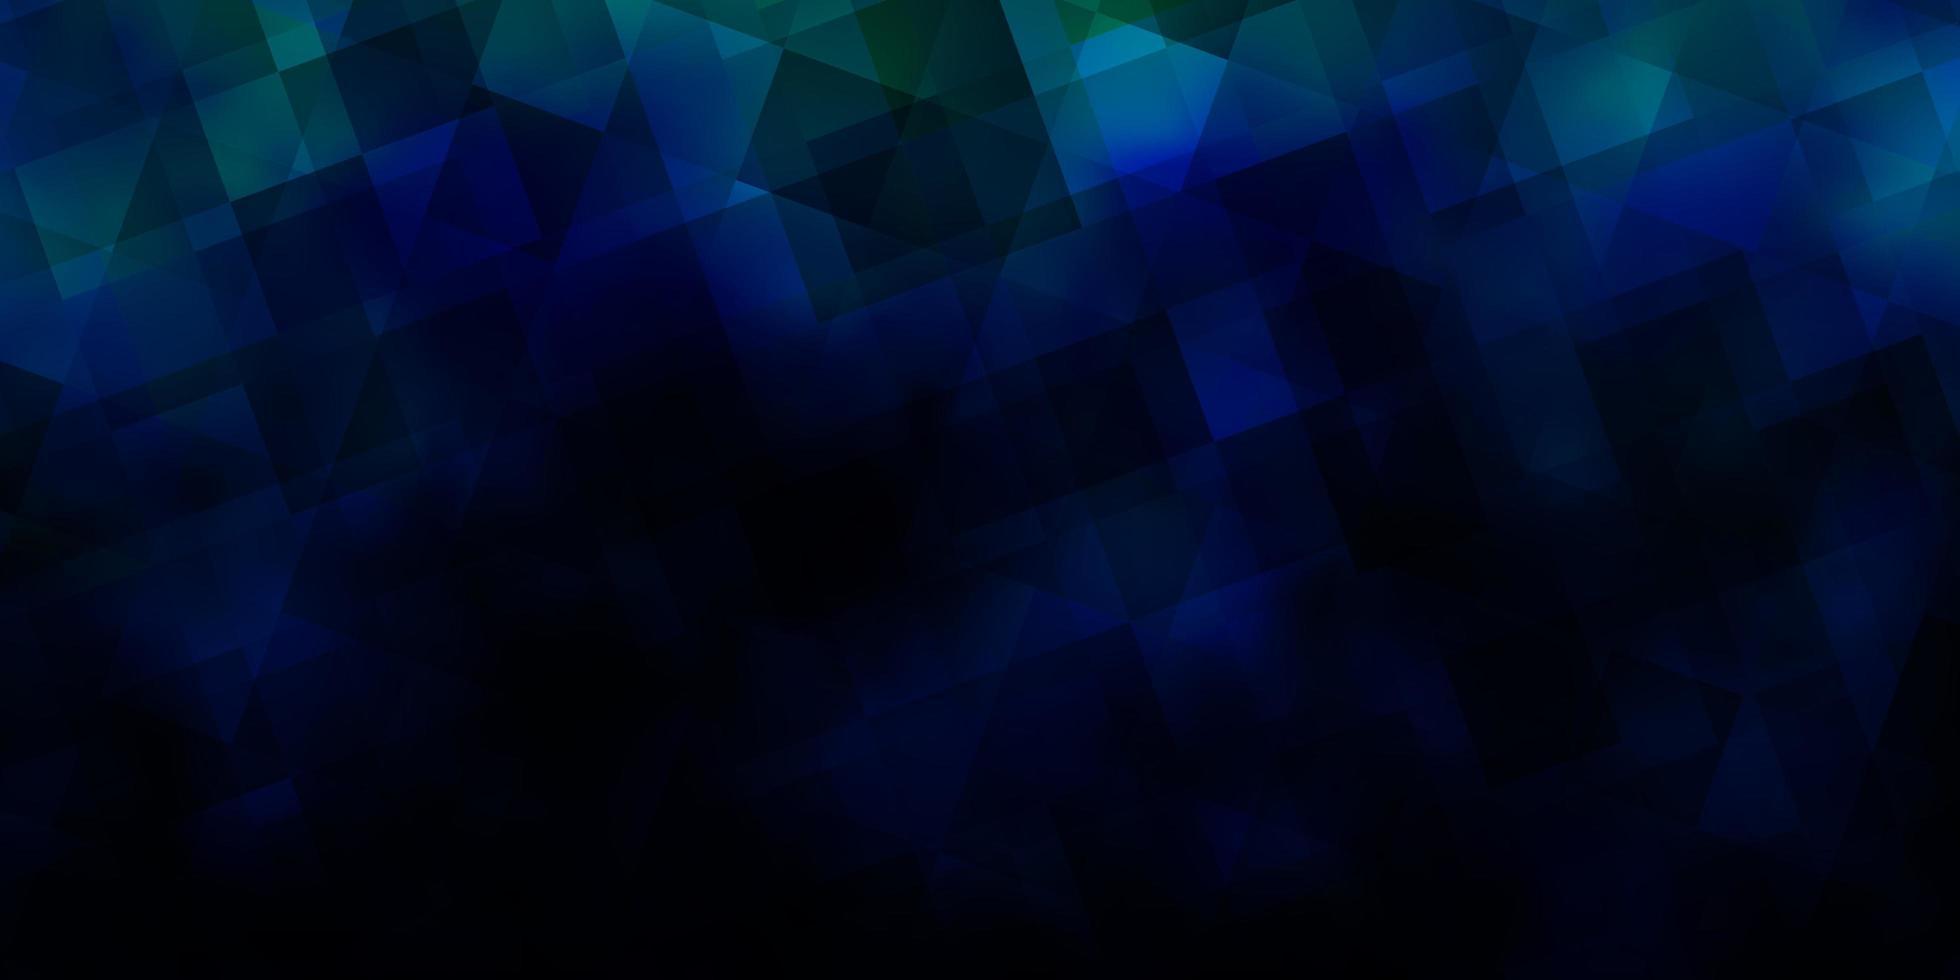 dunkelblaues Vektorlayout mit Linien, Dreiecken. vektor